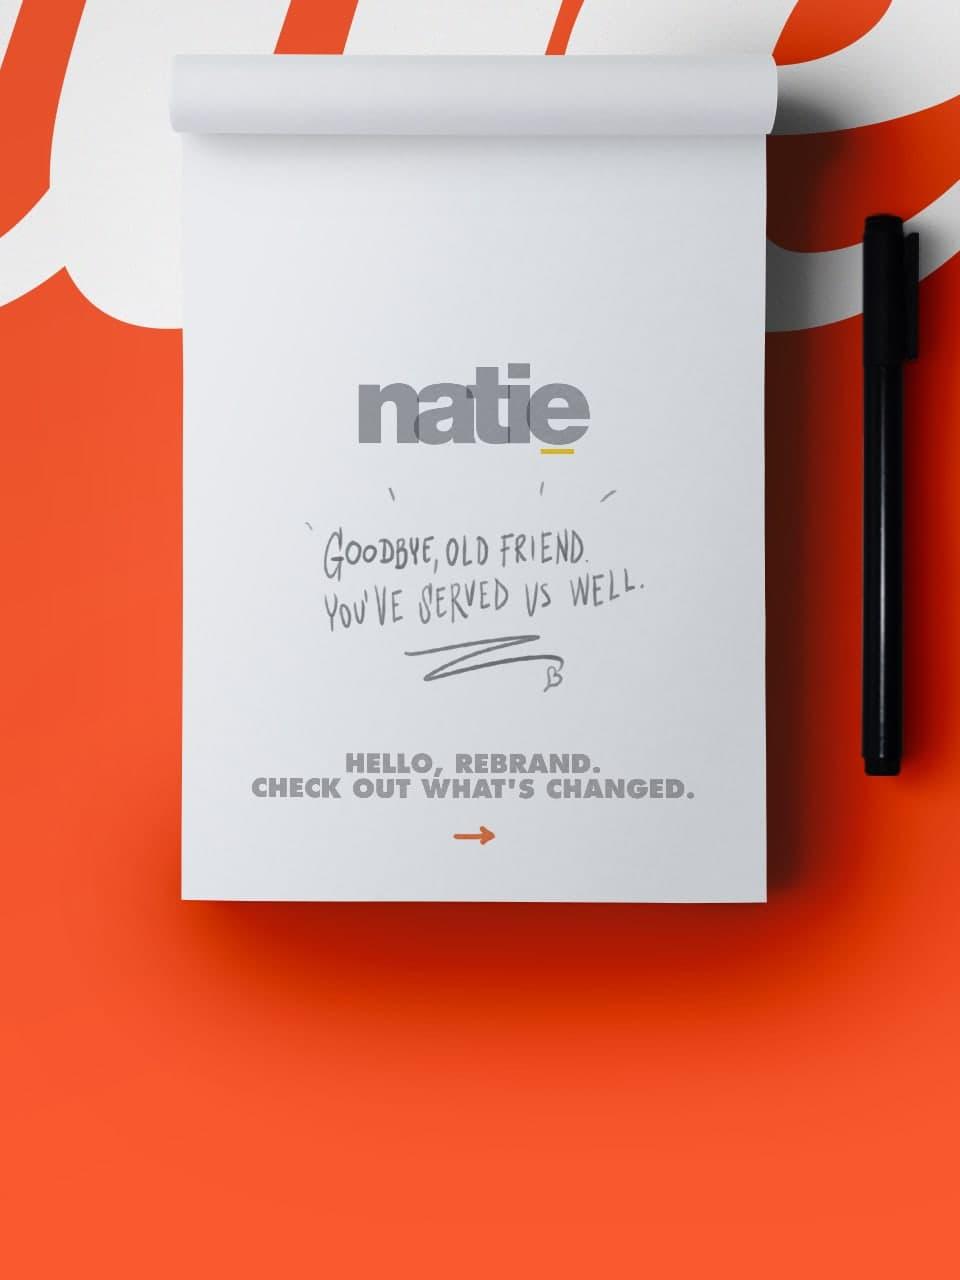 natie-rebrand-banner-mobile - Natie Branding Agency